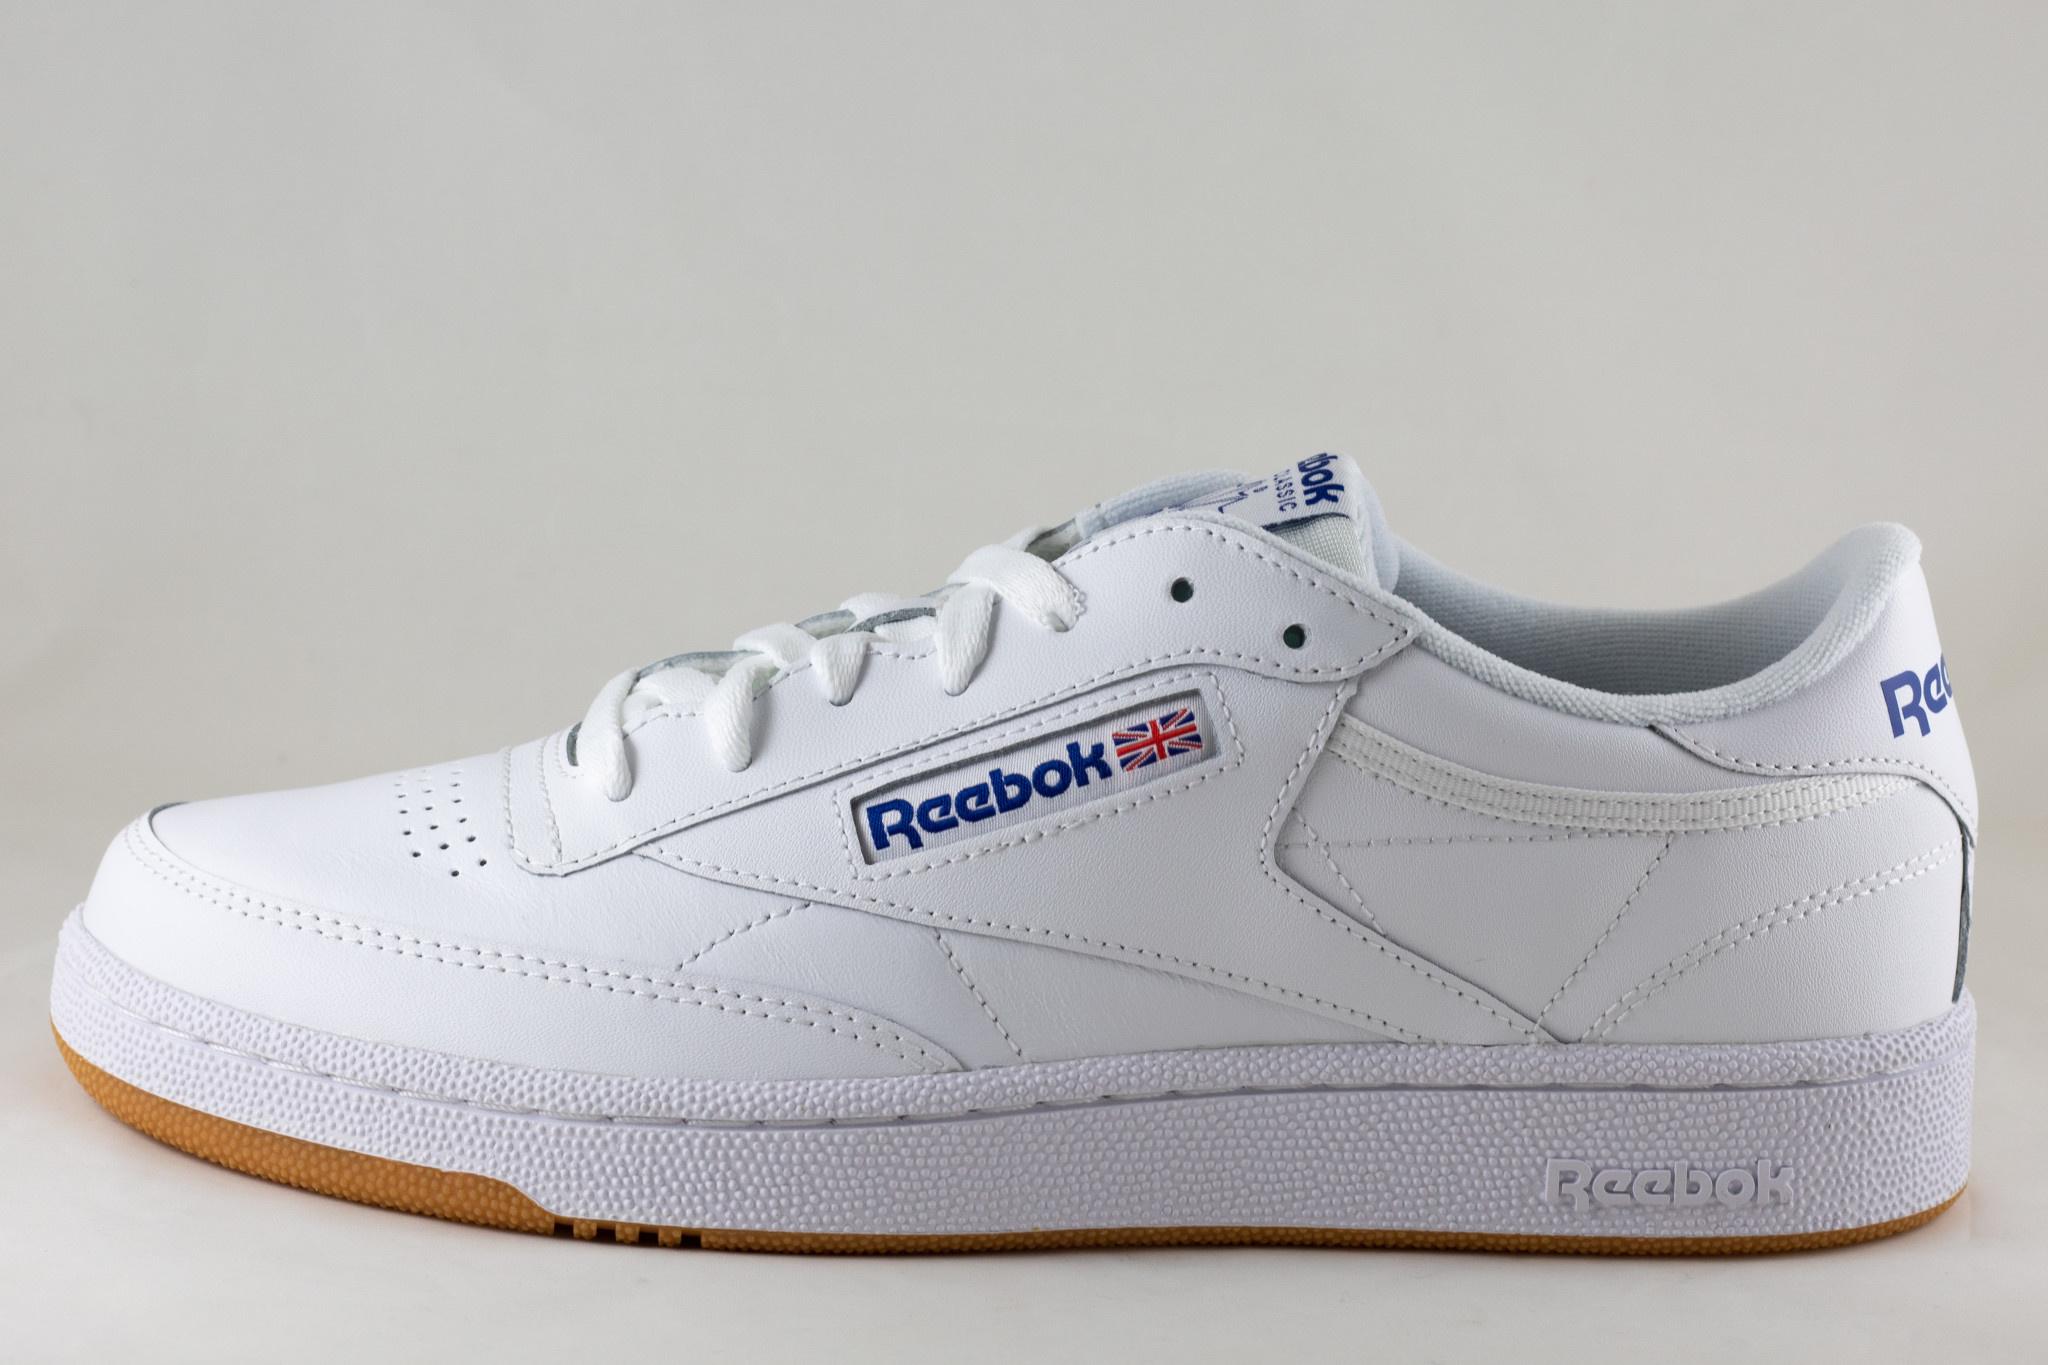 REEBOK CLUB C 85 White/Royal Gum